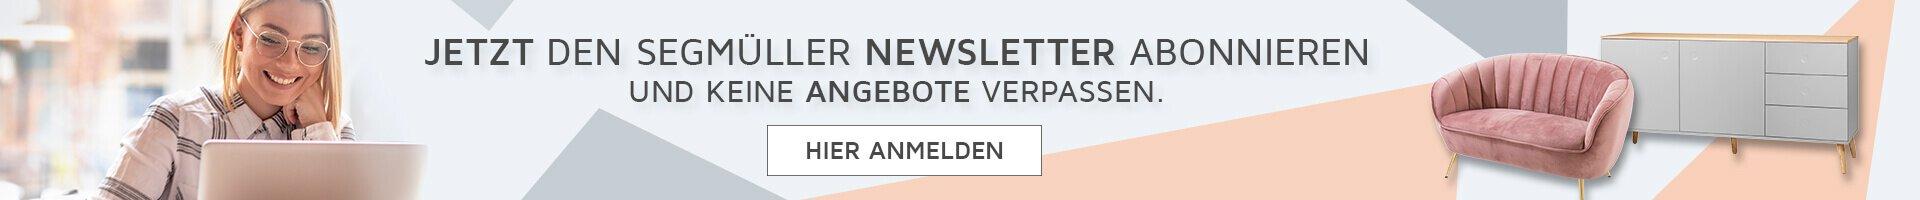 SEGMÜLLER - Newsletter Anmeldung